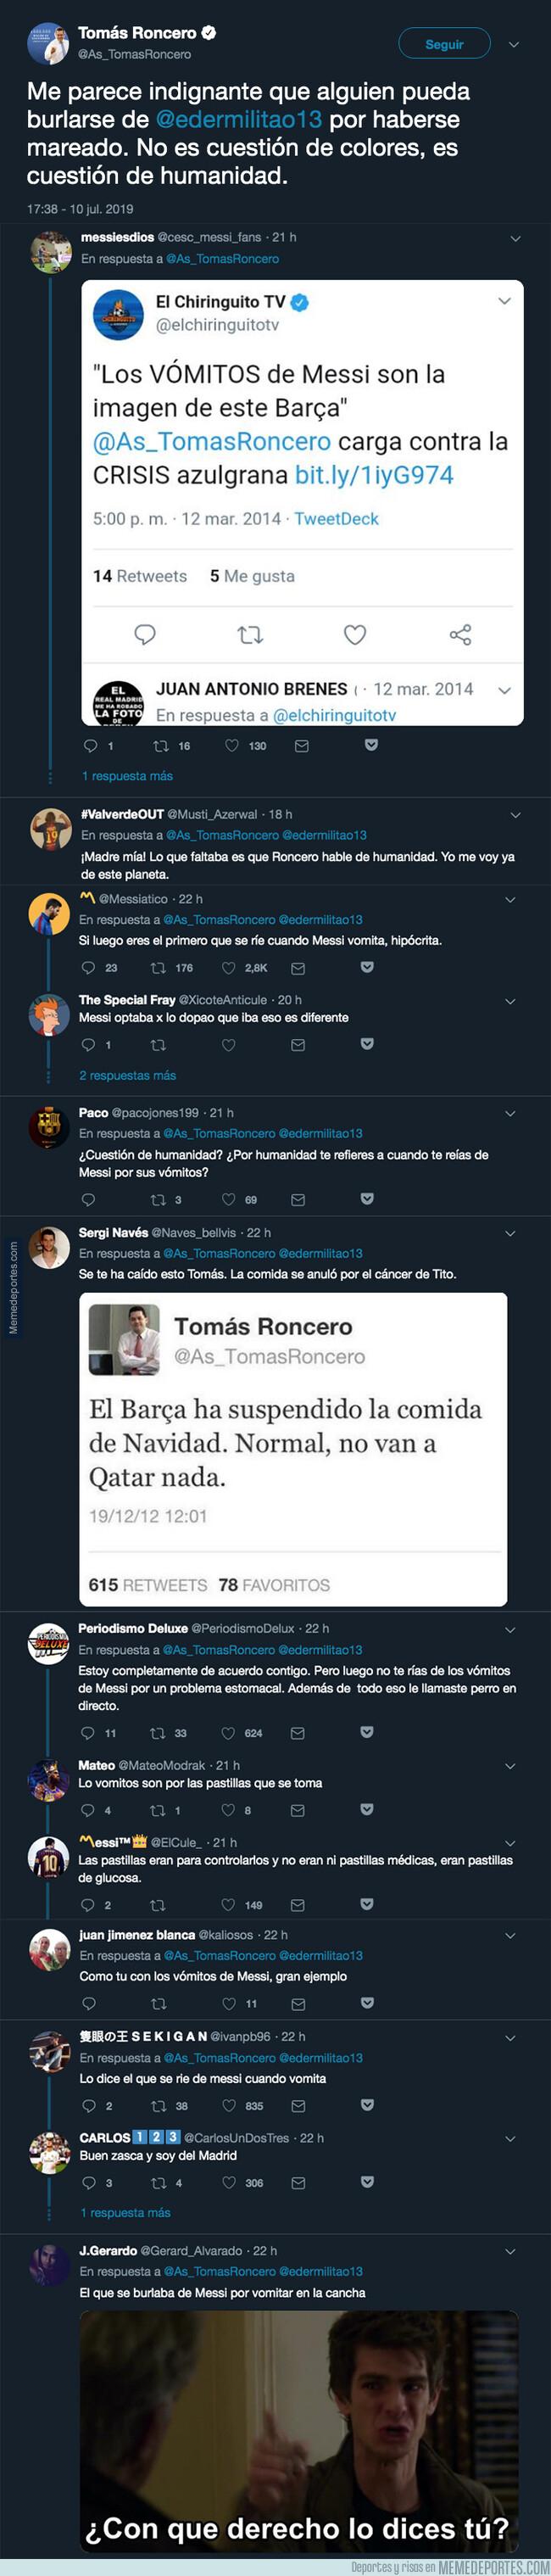 1080796 - Tomás Roncero intenta dar una lección a todos por reírse de Militao al marearse y recibe unas respuestas antológicas